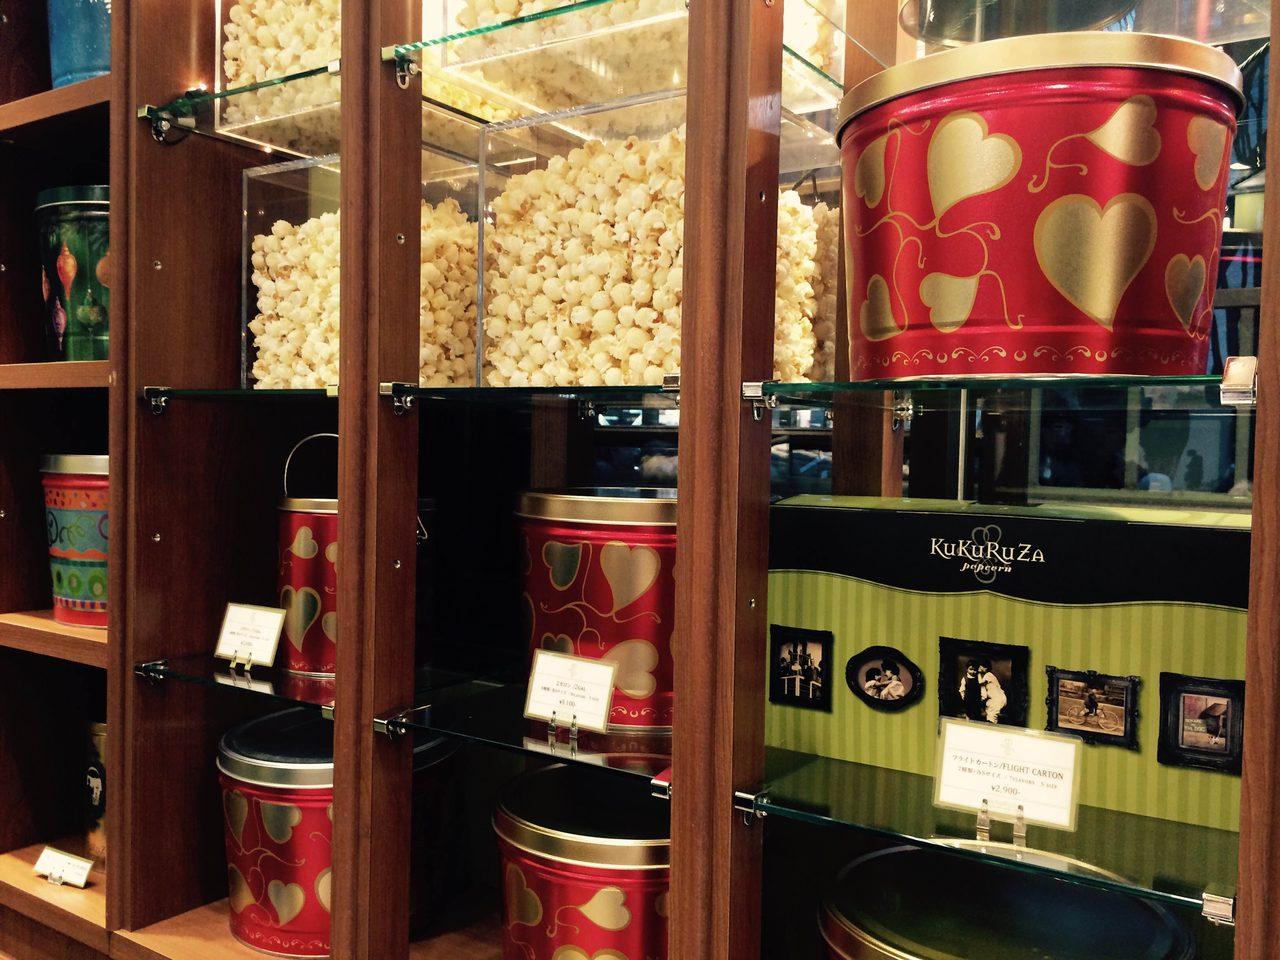 画像: Kukuruzaのポップコーンはトリュフ風味など斬新な味のチョイスができる